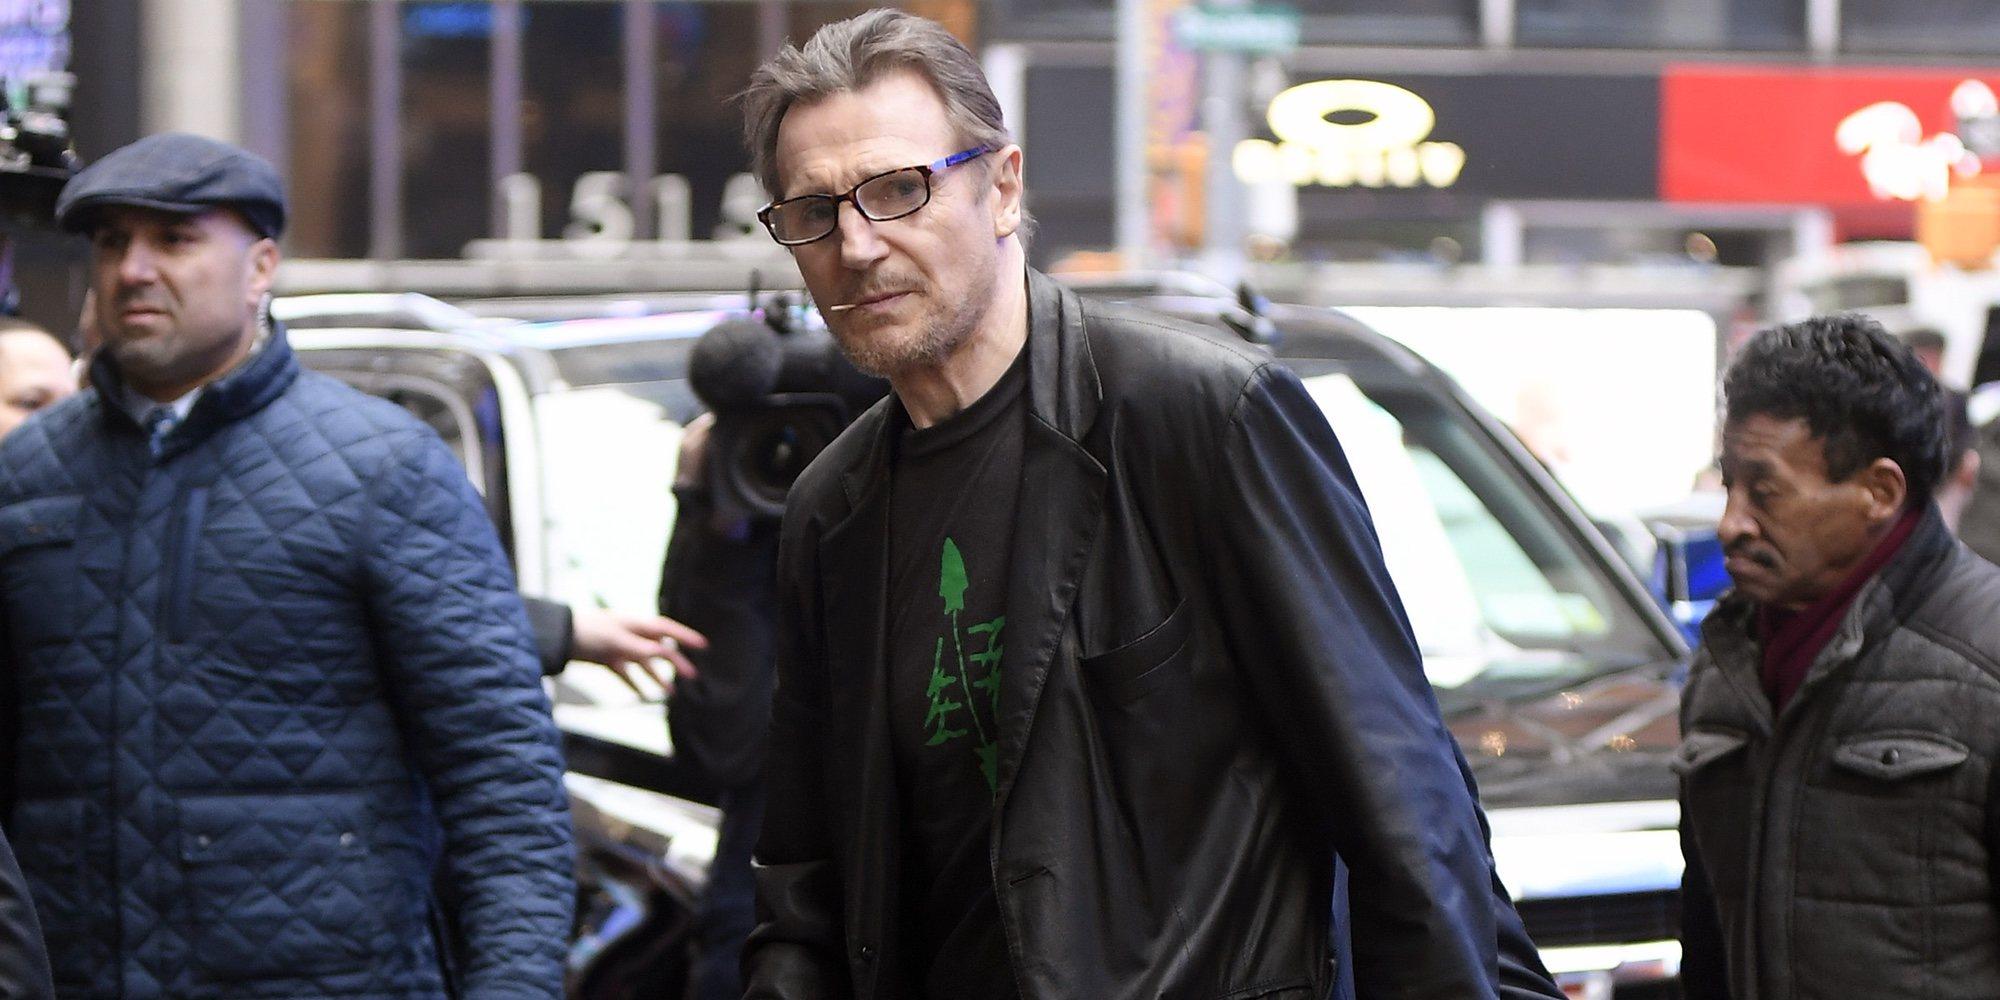 Liam Neeson condenado en redes sociales por racista tras decir que va a matar a un negro